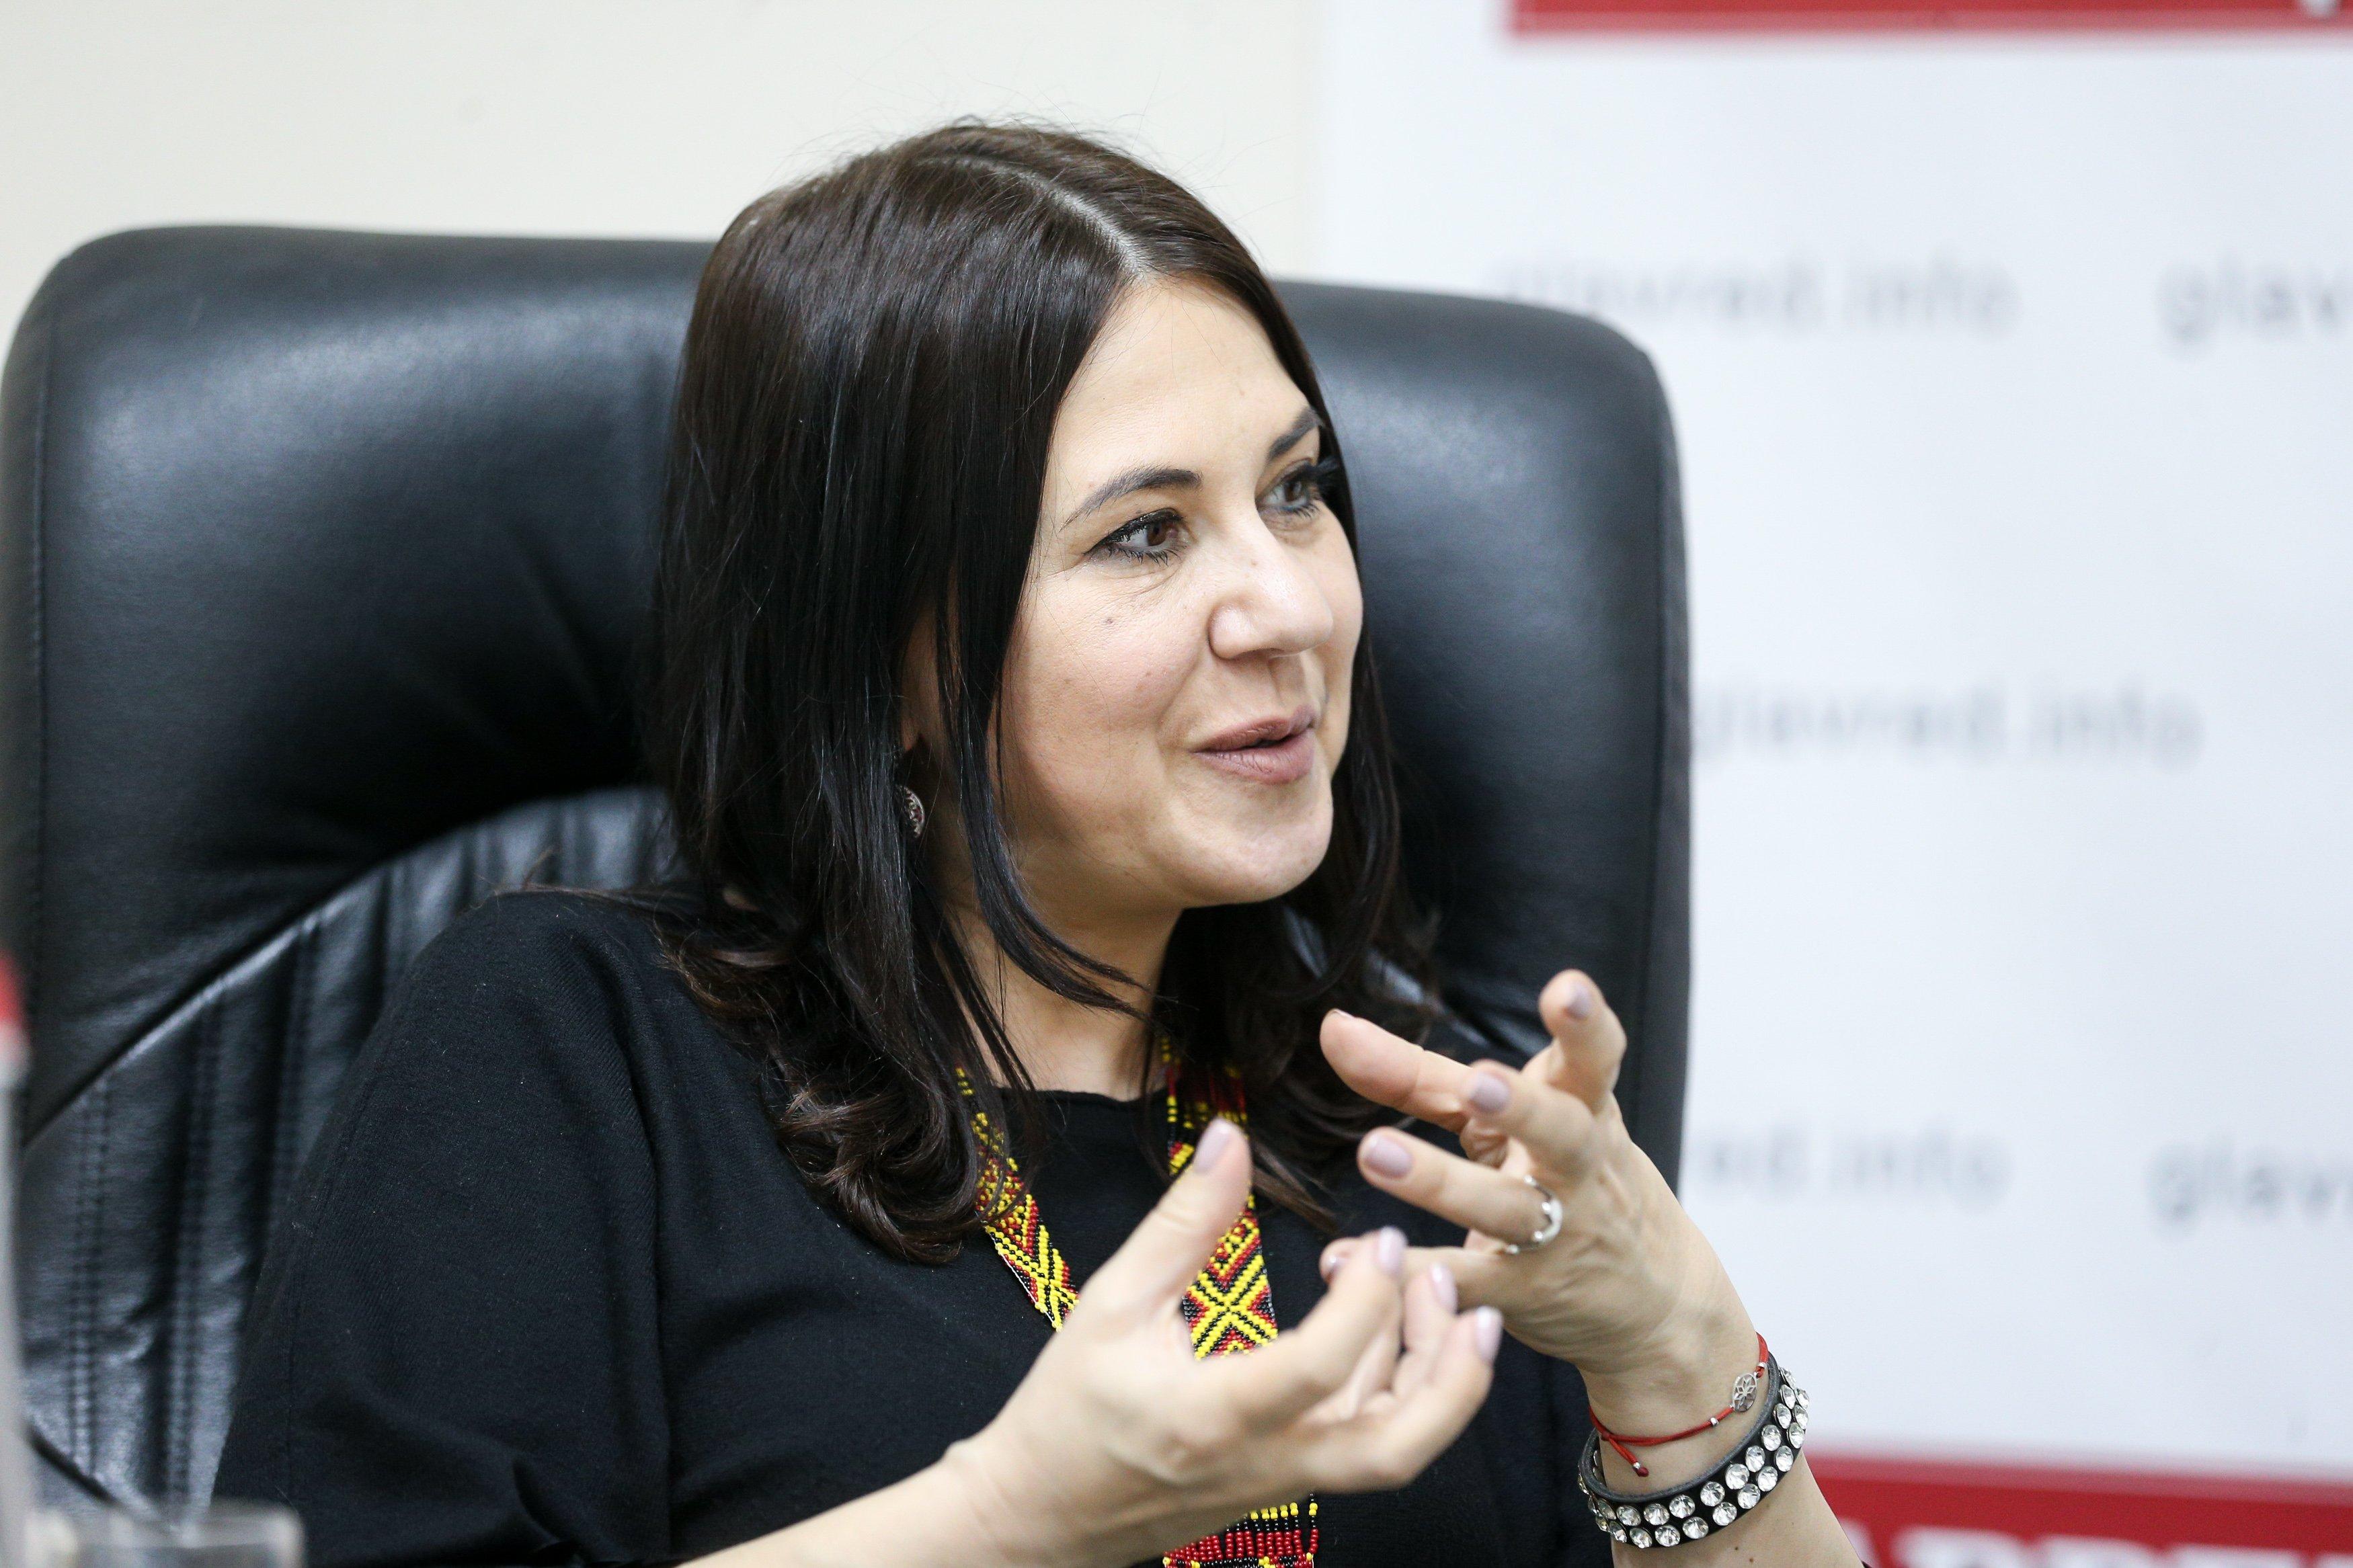 Анжелика Рудницкая полагает, что певец Melovin интересный